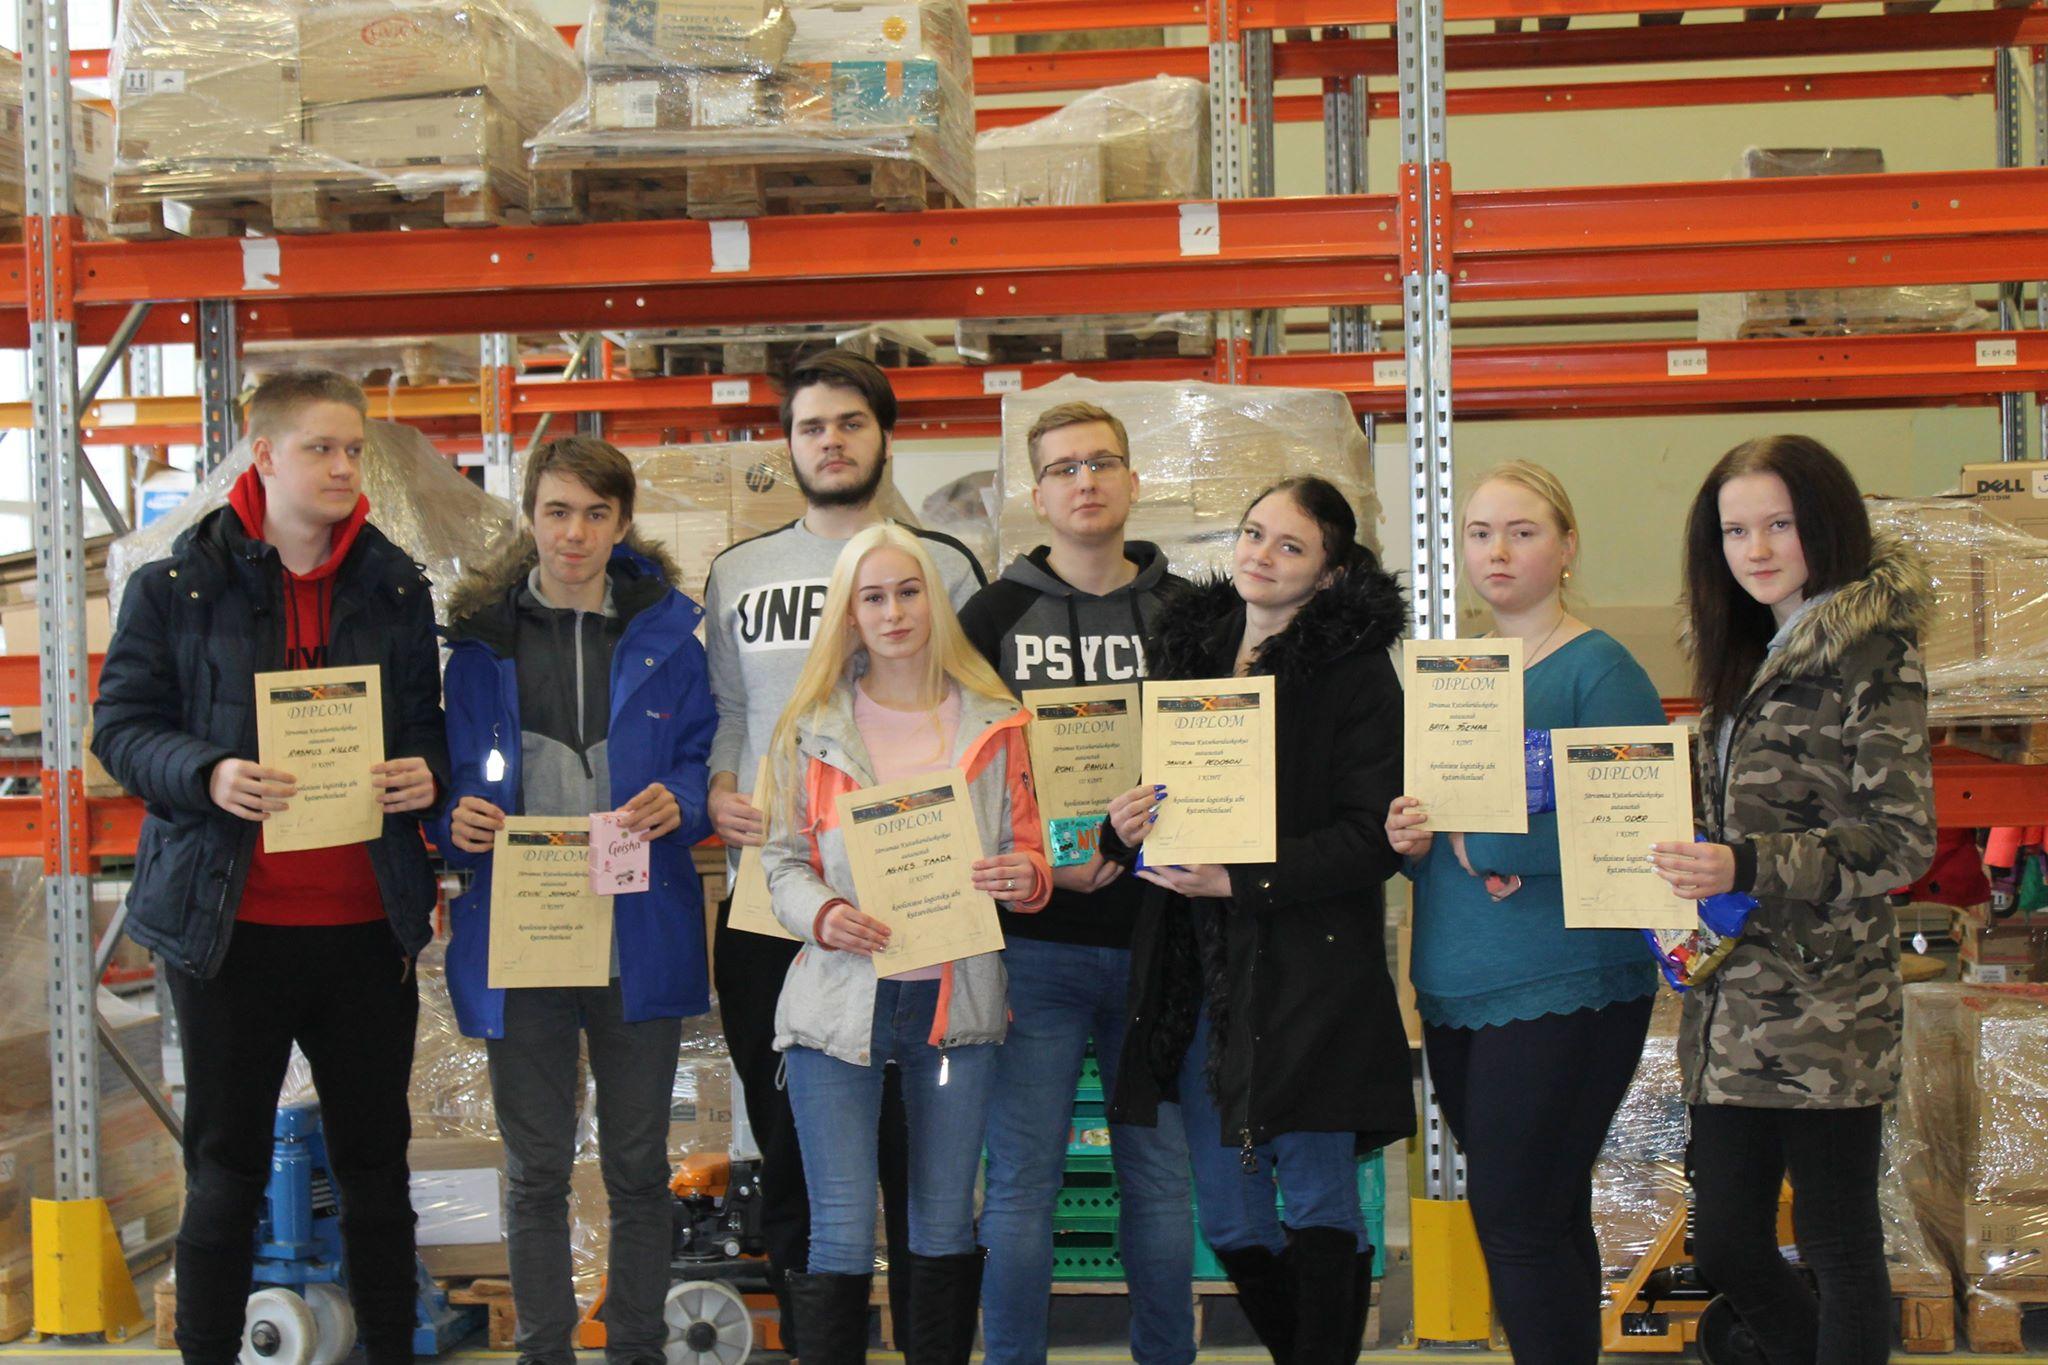 Logistiku abi eriala koolisisene kutsevõistlus 2019 - kõik auhinnalise koha saavutanud õpilased.